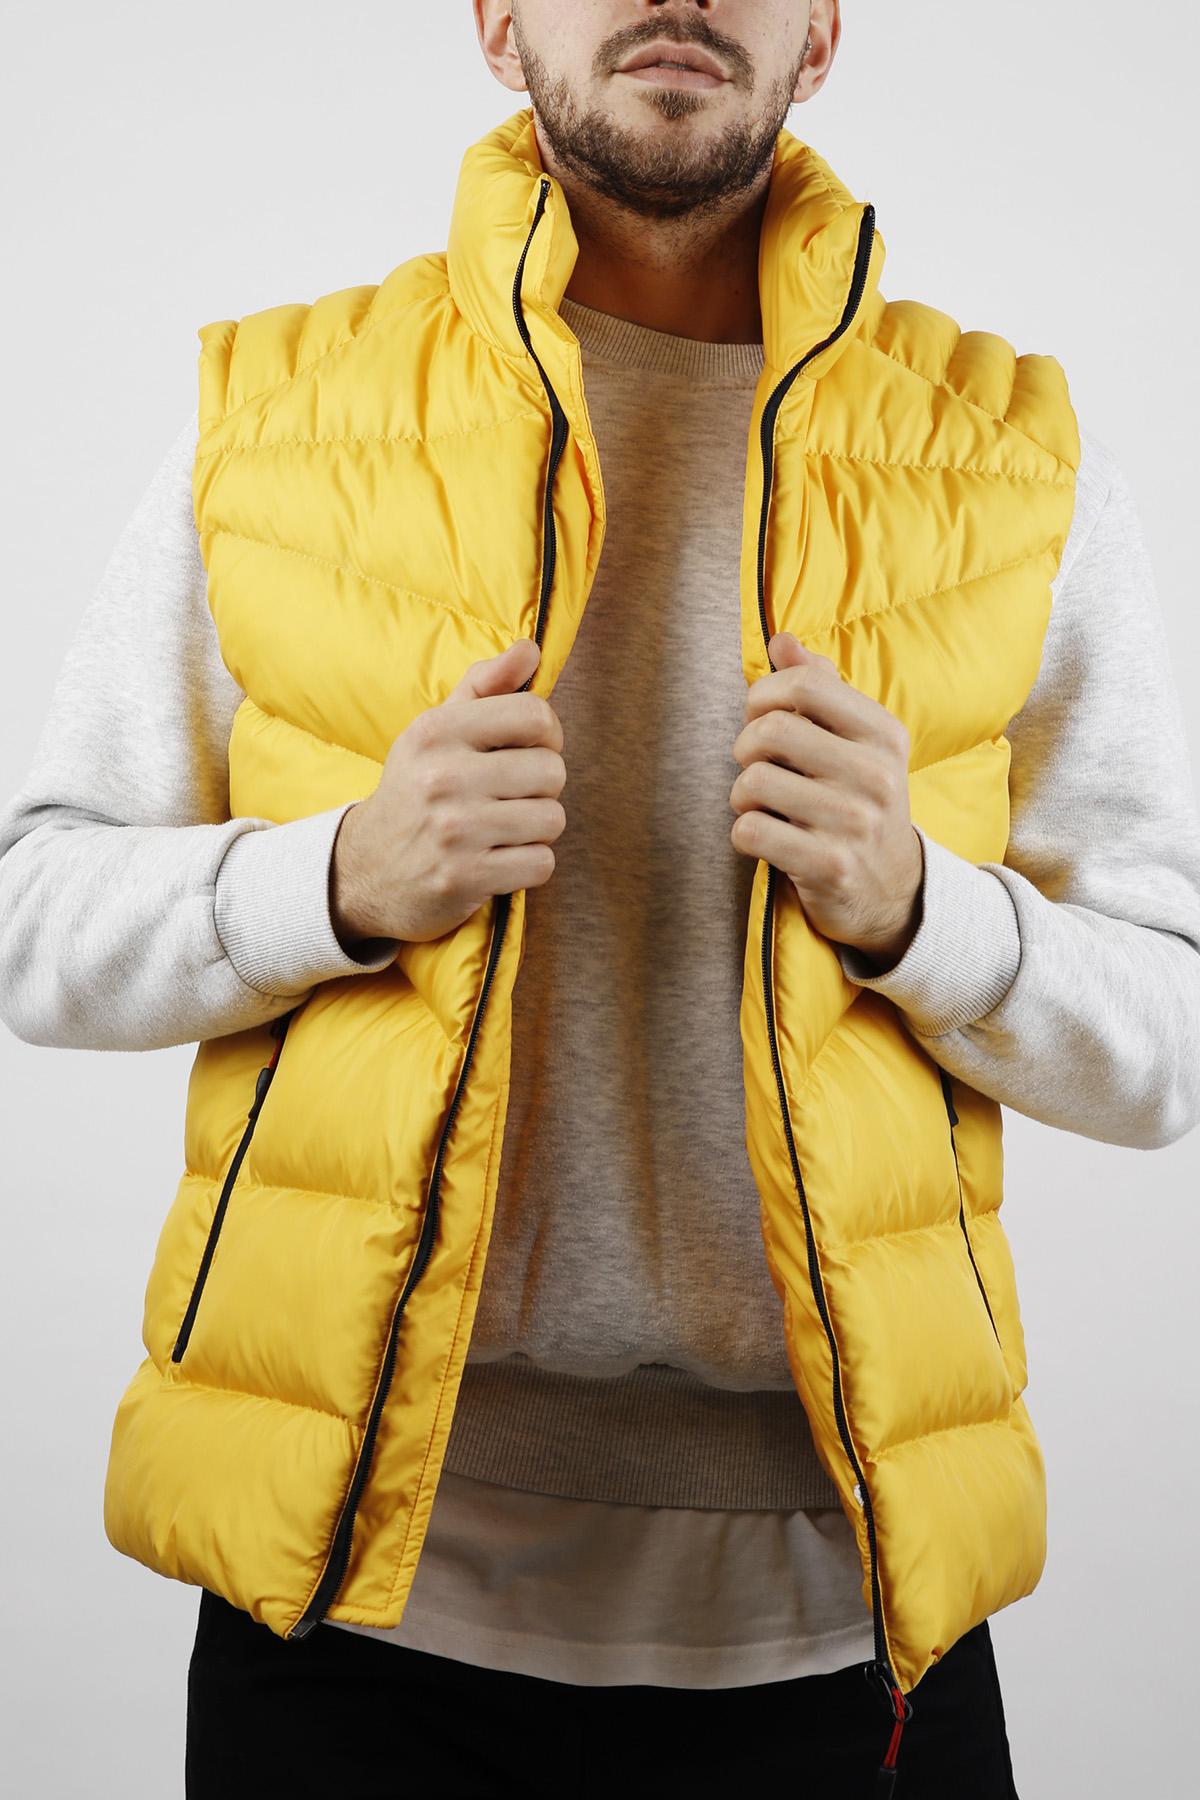 XHAN - Sarı Şişme Yelek 1KXE4-44451-10